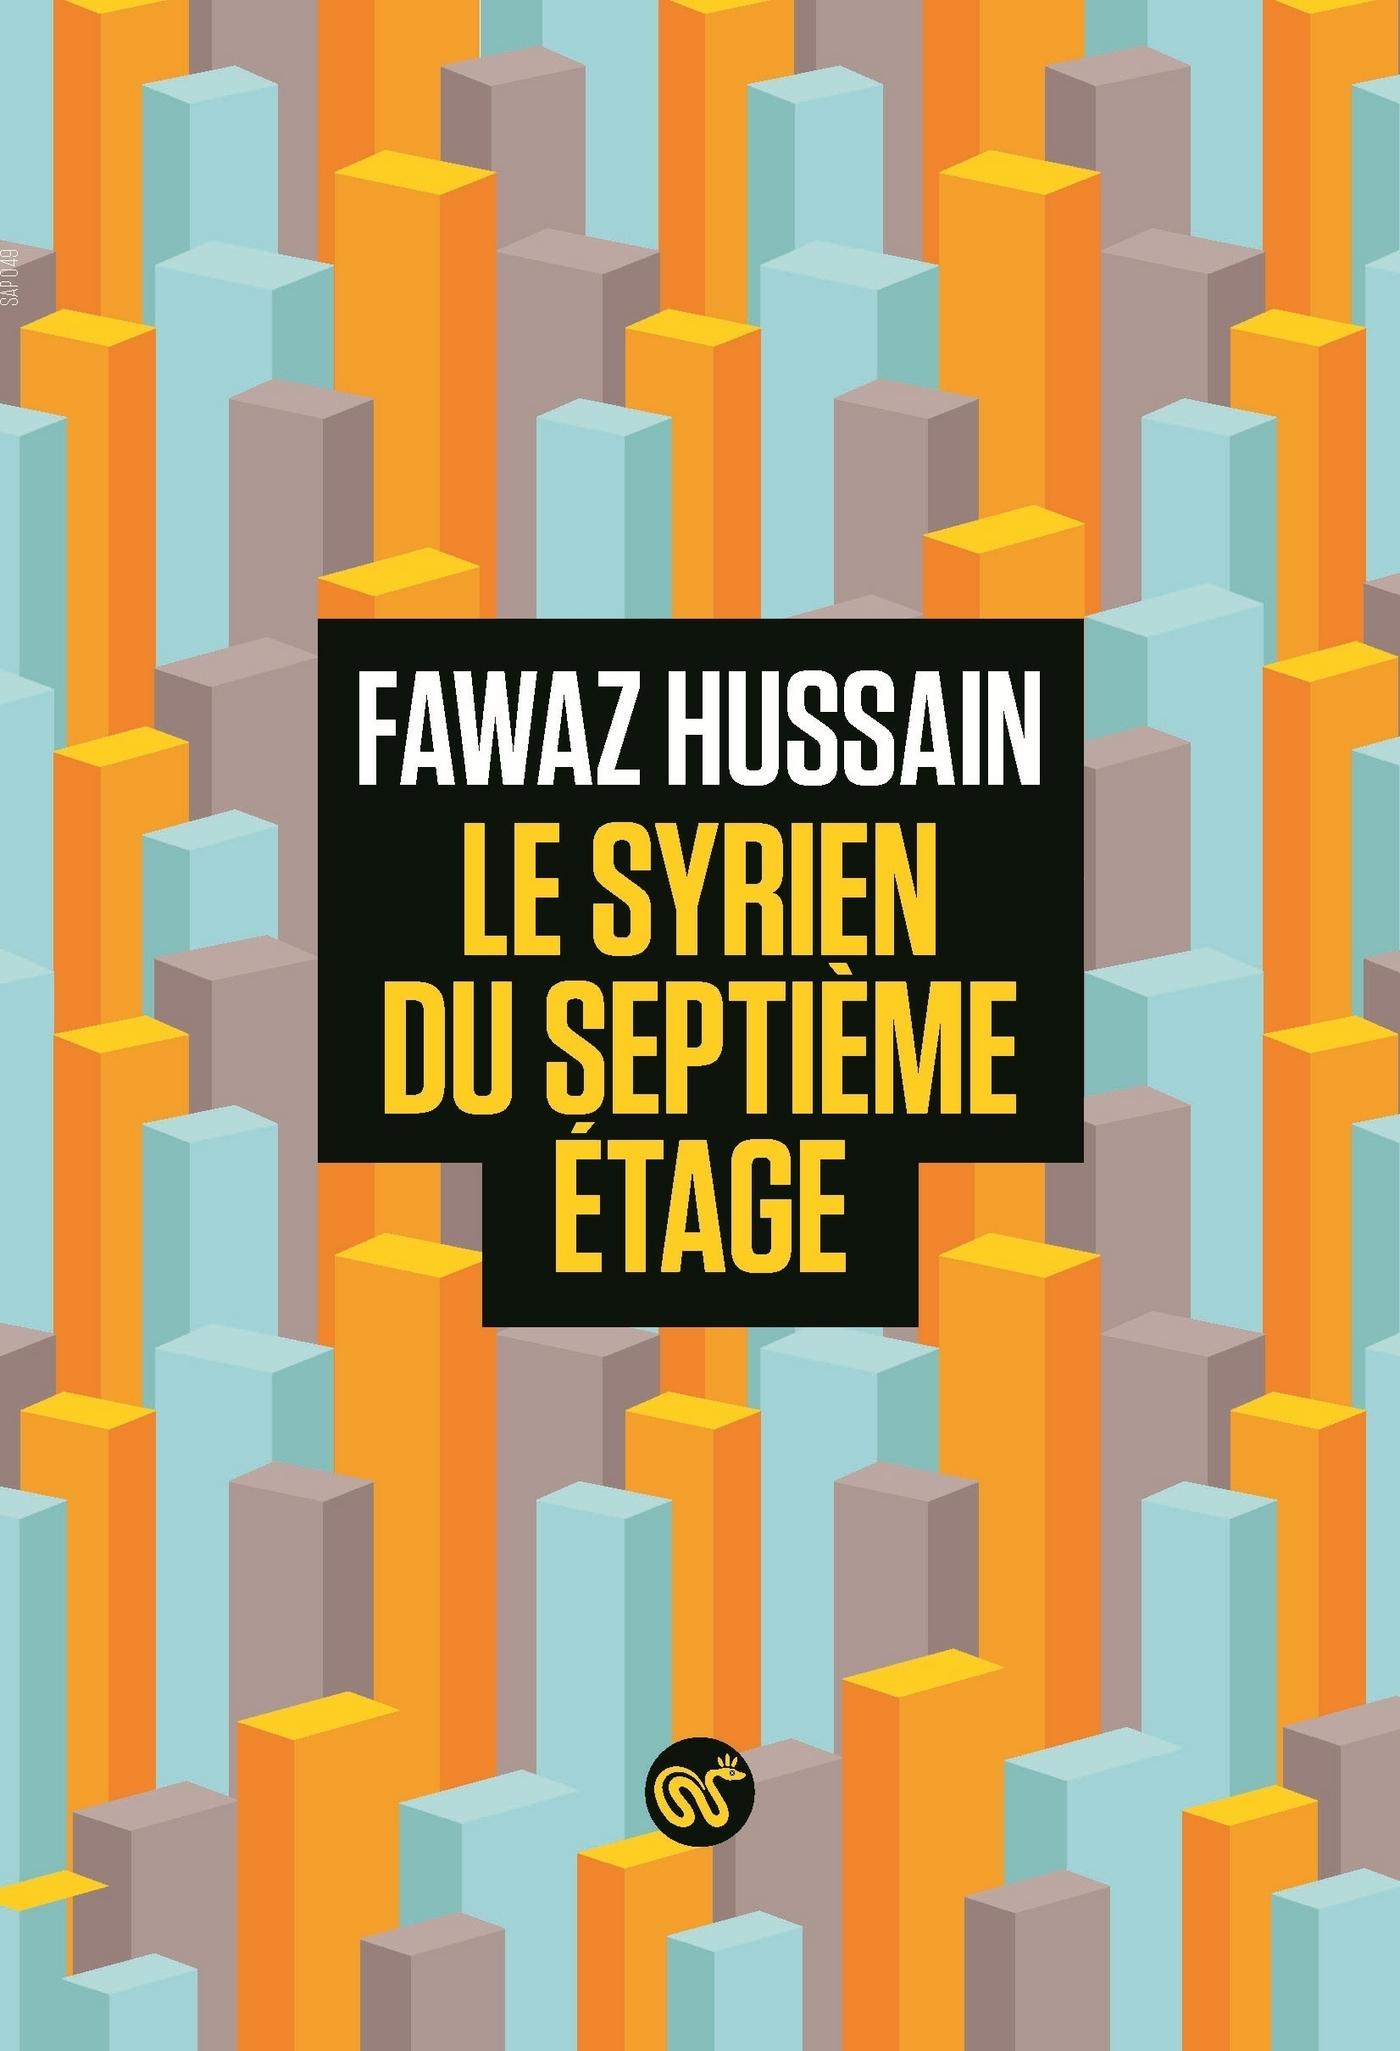 Le Syrien du septième étage